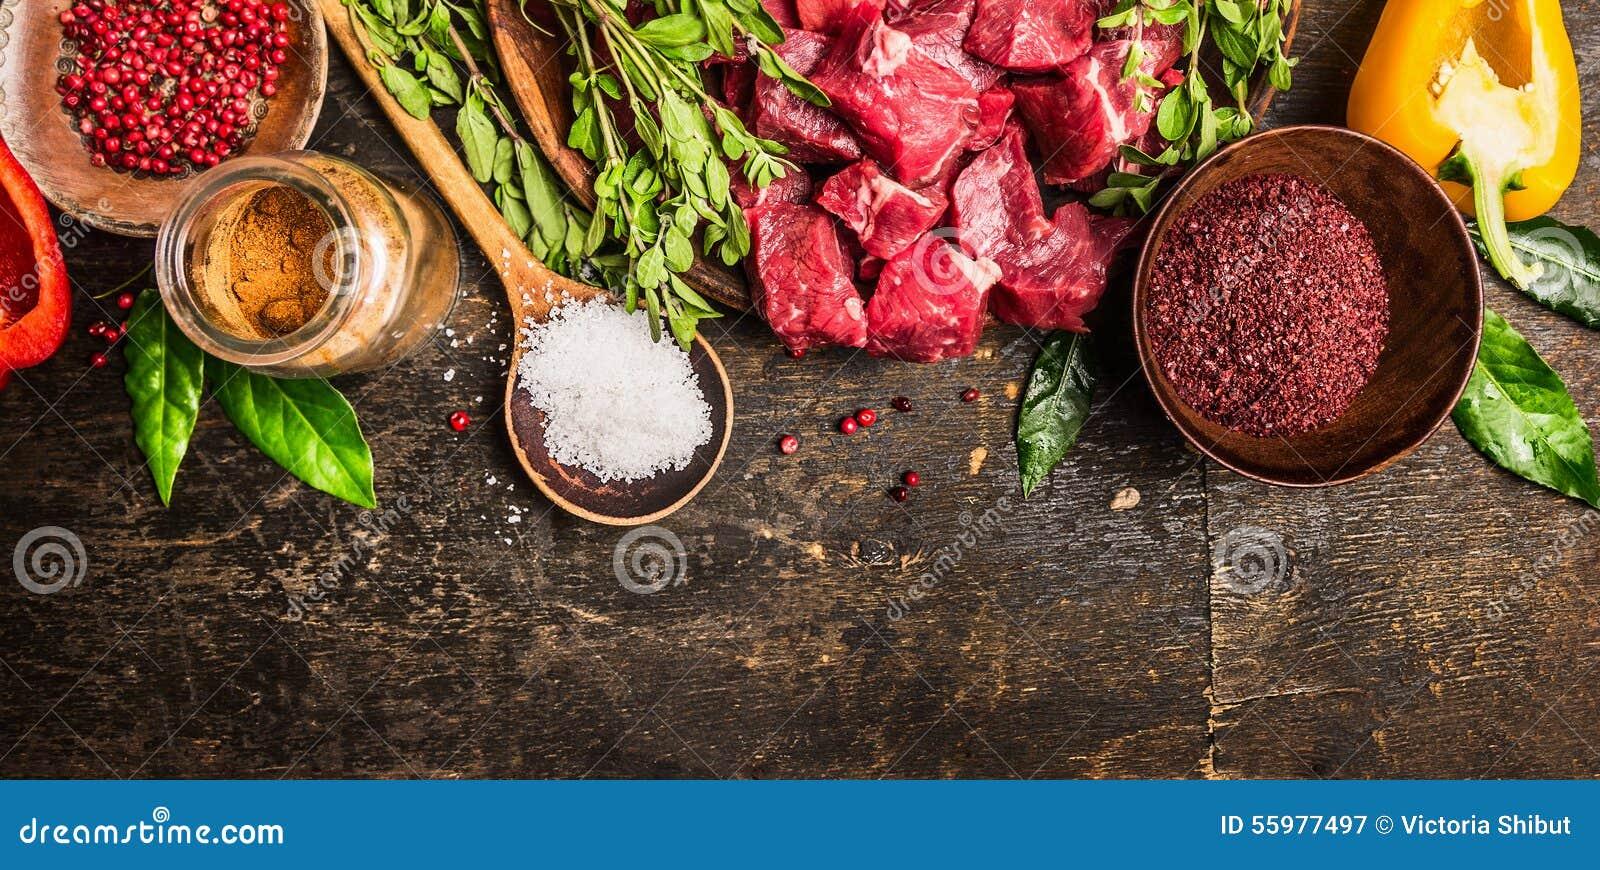 Ingredienser för gulasch- eller ragumatlagning: rått kött, örter, kryddor, grönsaker och sked av salt på lantlig träbakgrund, bäs